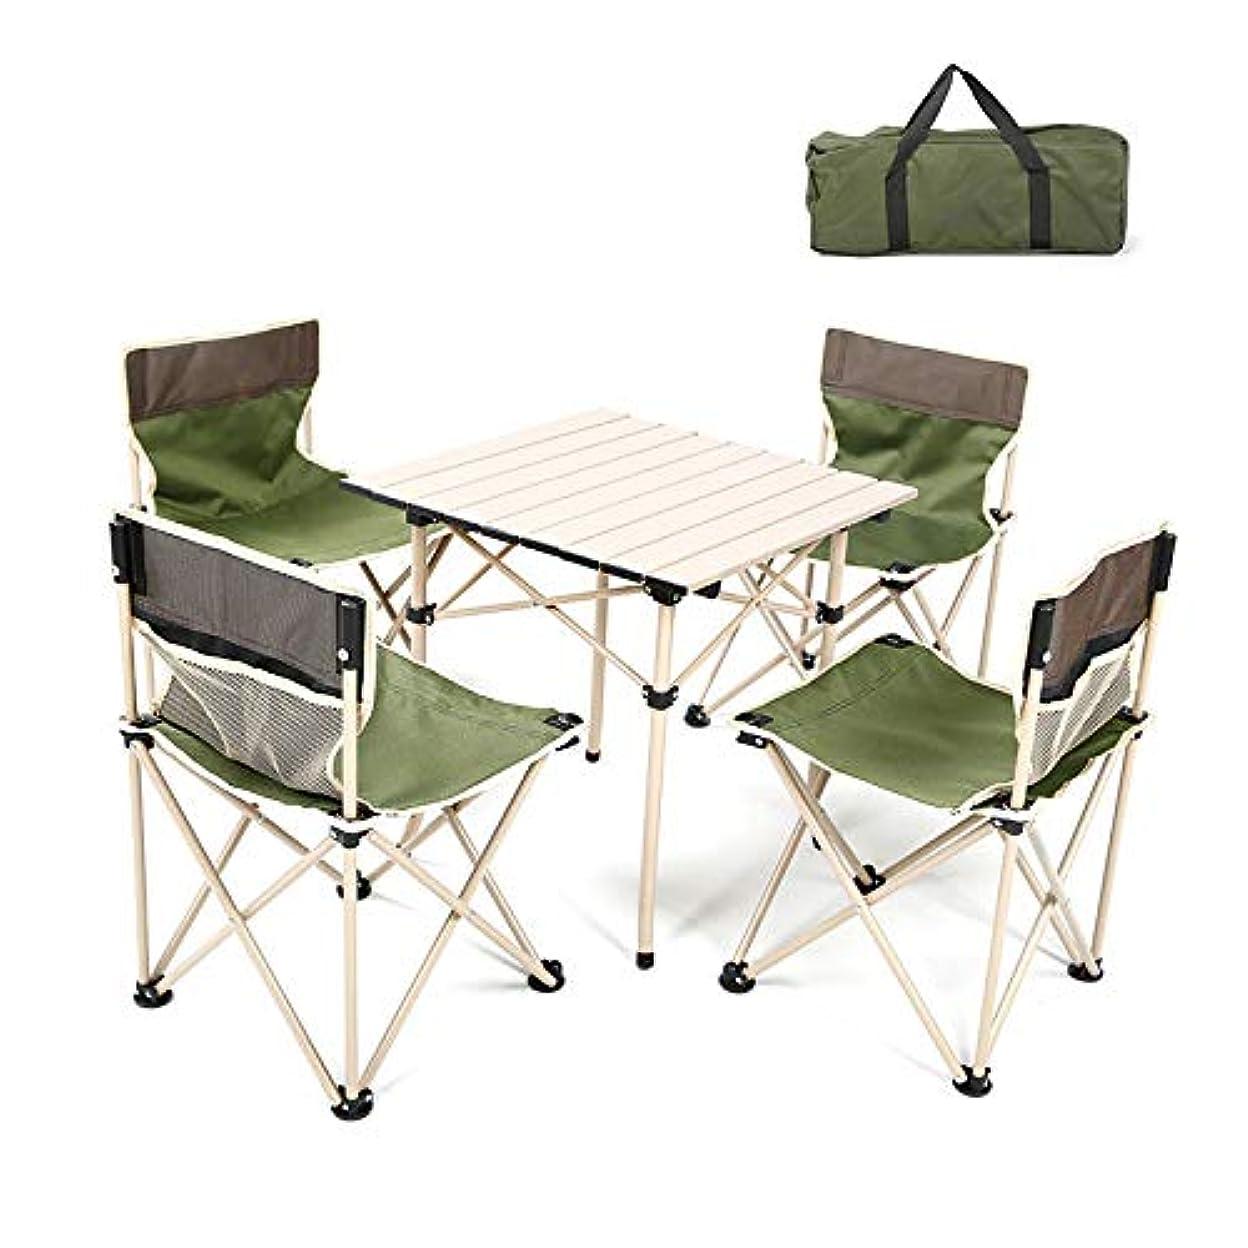 鮫ファランクス突き出す折りたたみ家具、バックパック椅子とテーブル、屋外キャンプ、旅行、ビーチ、ピクニック、祭り、ハイキング、軽量バックパックのためのポータブル軽量コンパクトな家具、